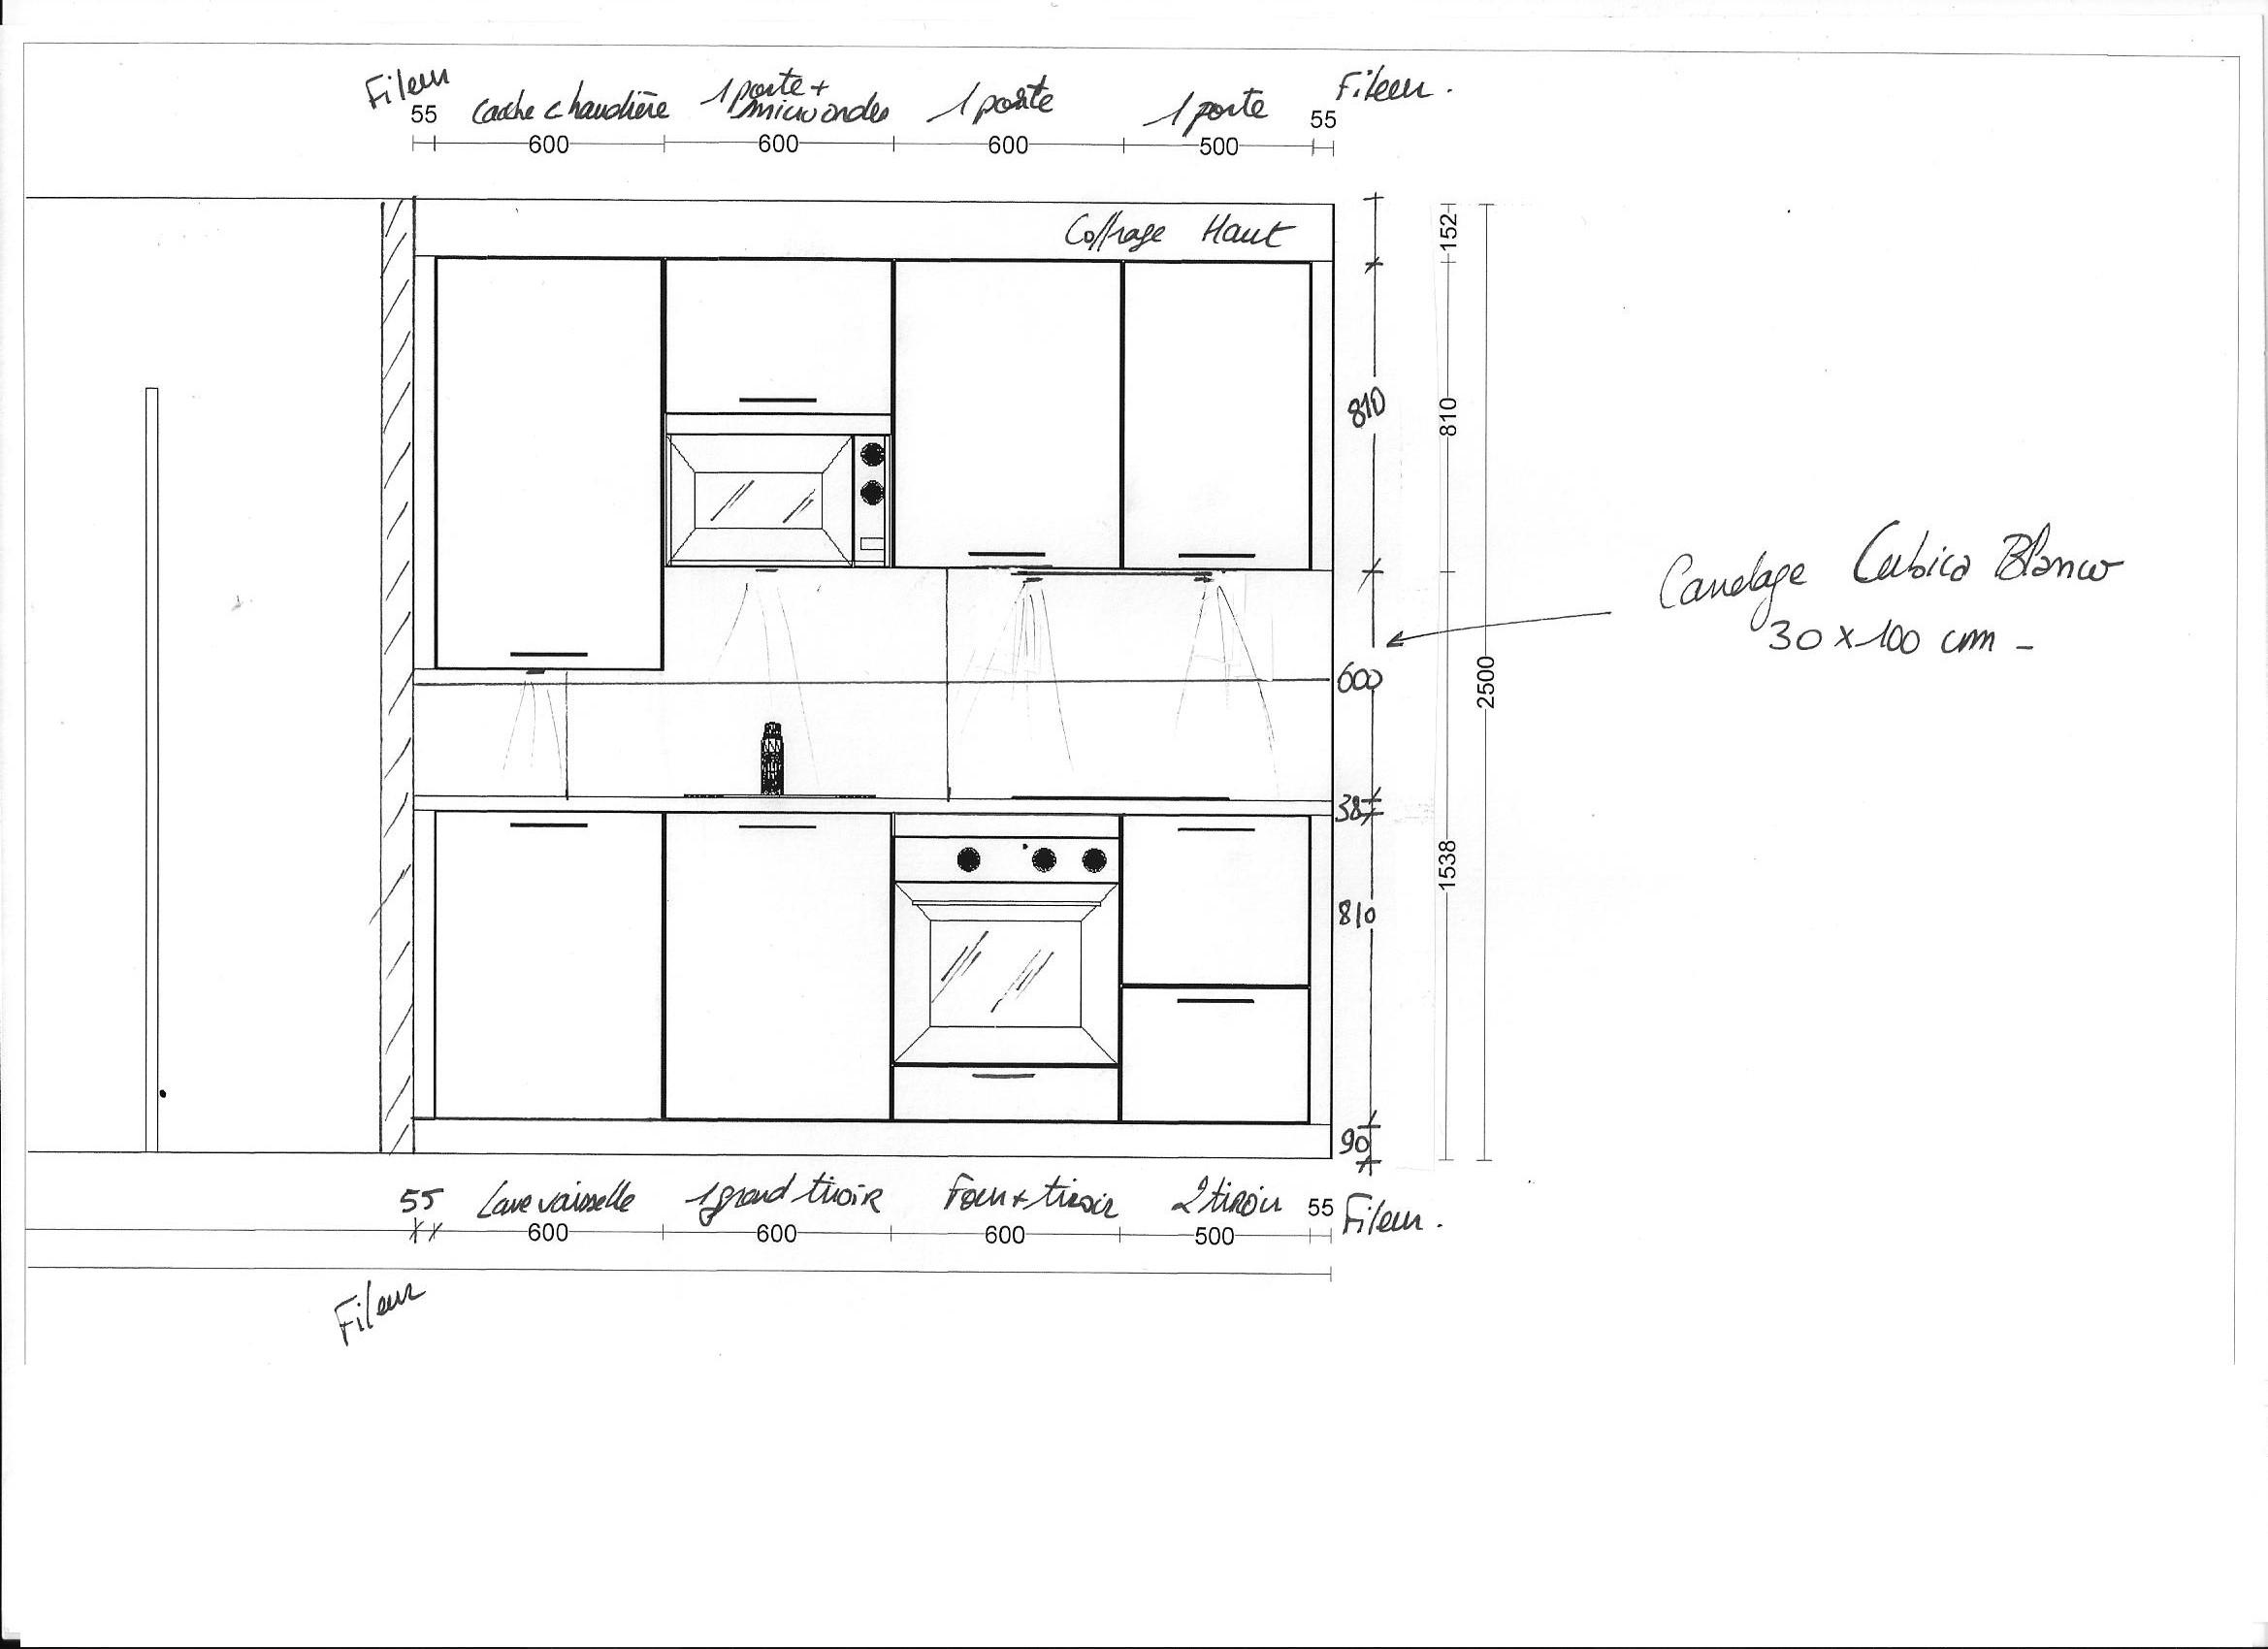 Tout sur la cuisine et le mobilier cuisine - Page 52 sur 190 -